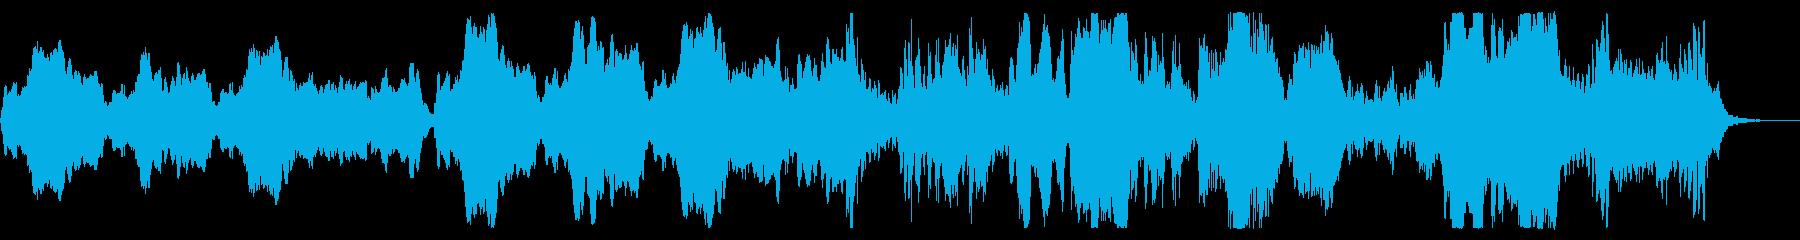 フルートを使った疾走感のあるオーケストラの再生済みの波形